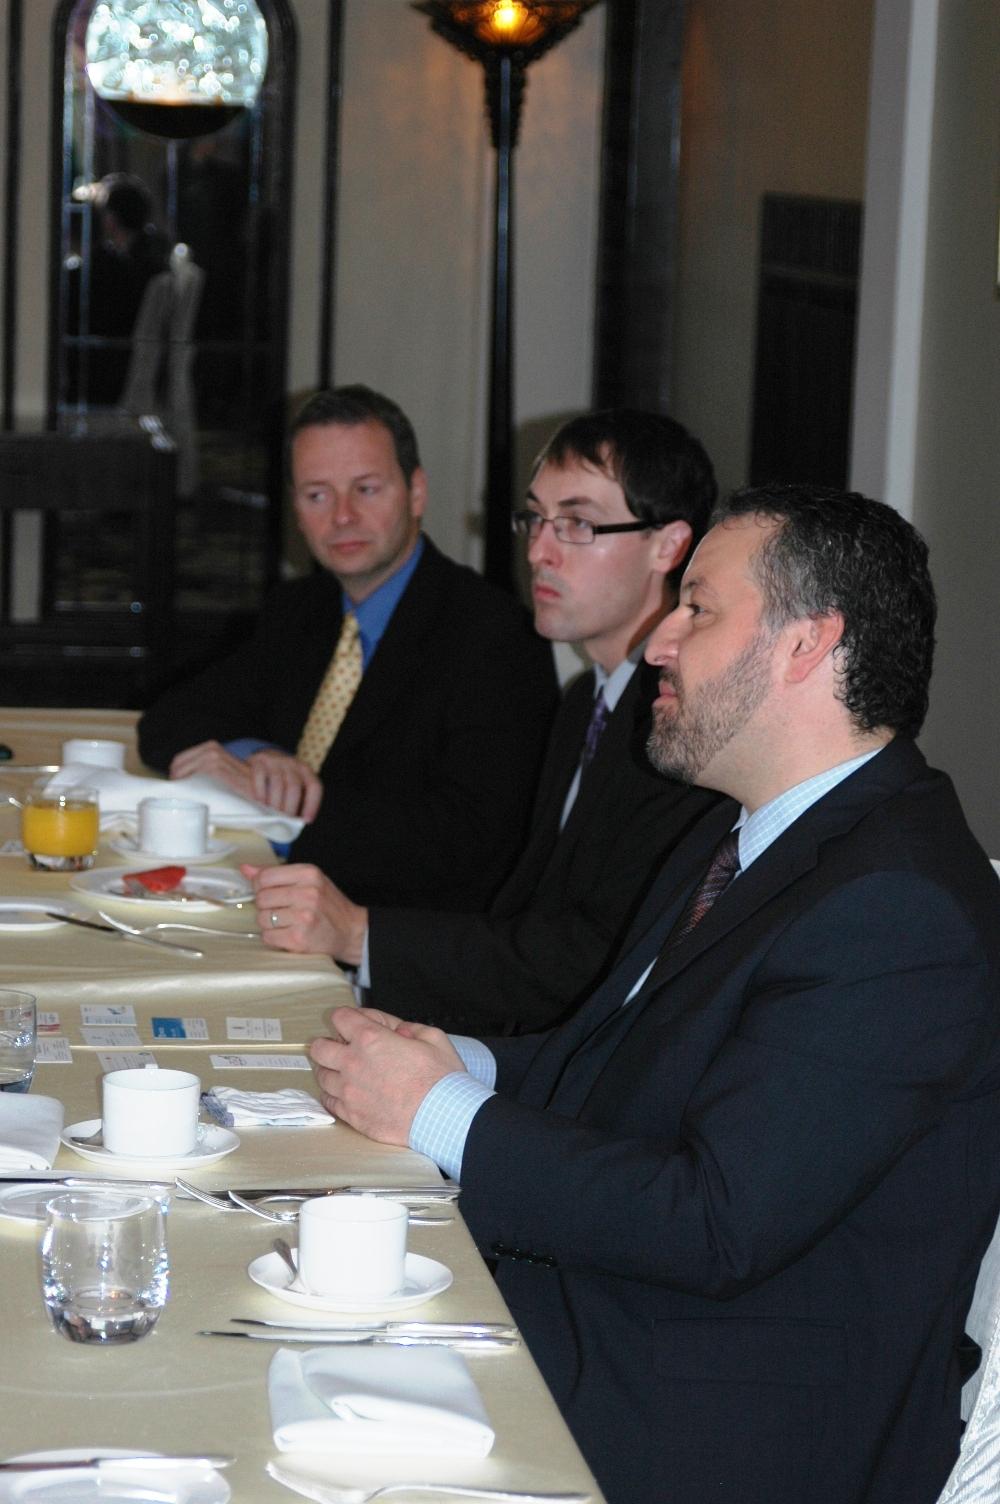 2012年10月22日:与加拿大驻上海总领馆 总领事 Mr. Rick Savone 在上海和平饭店共进工作早餐。